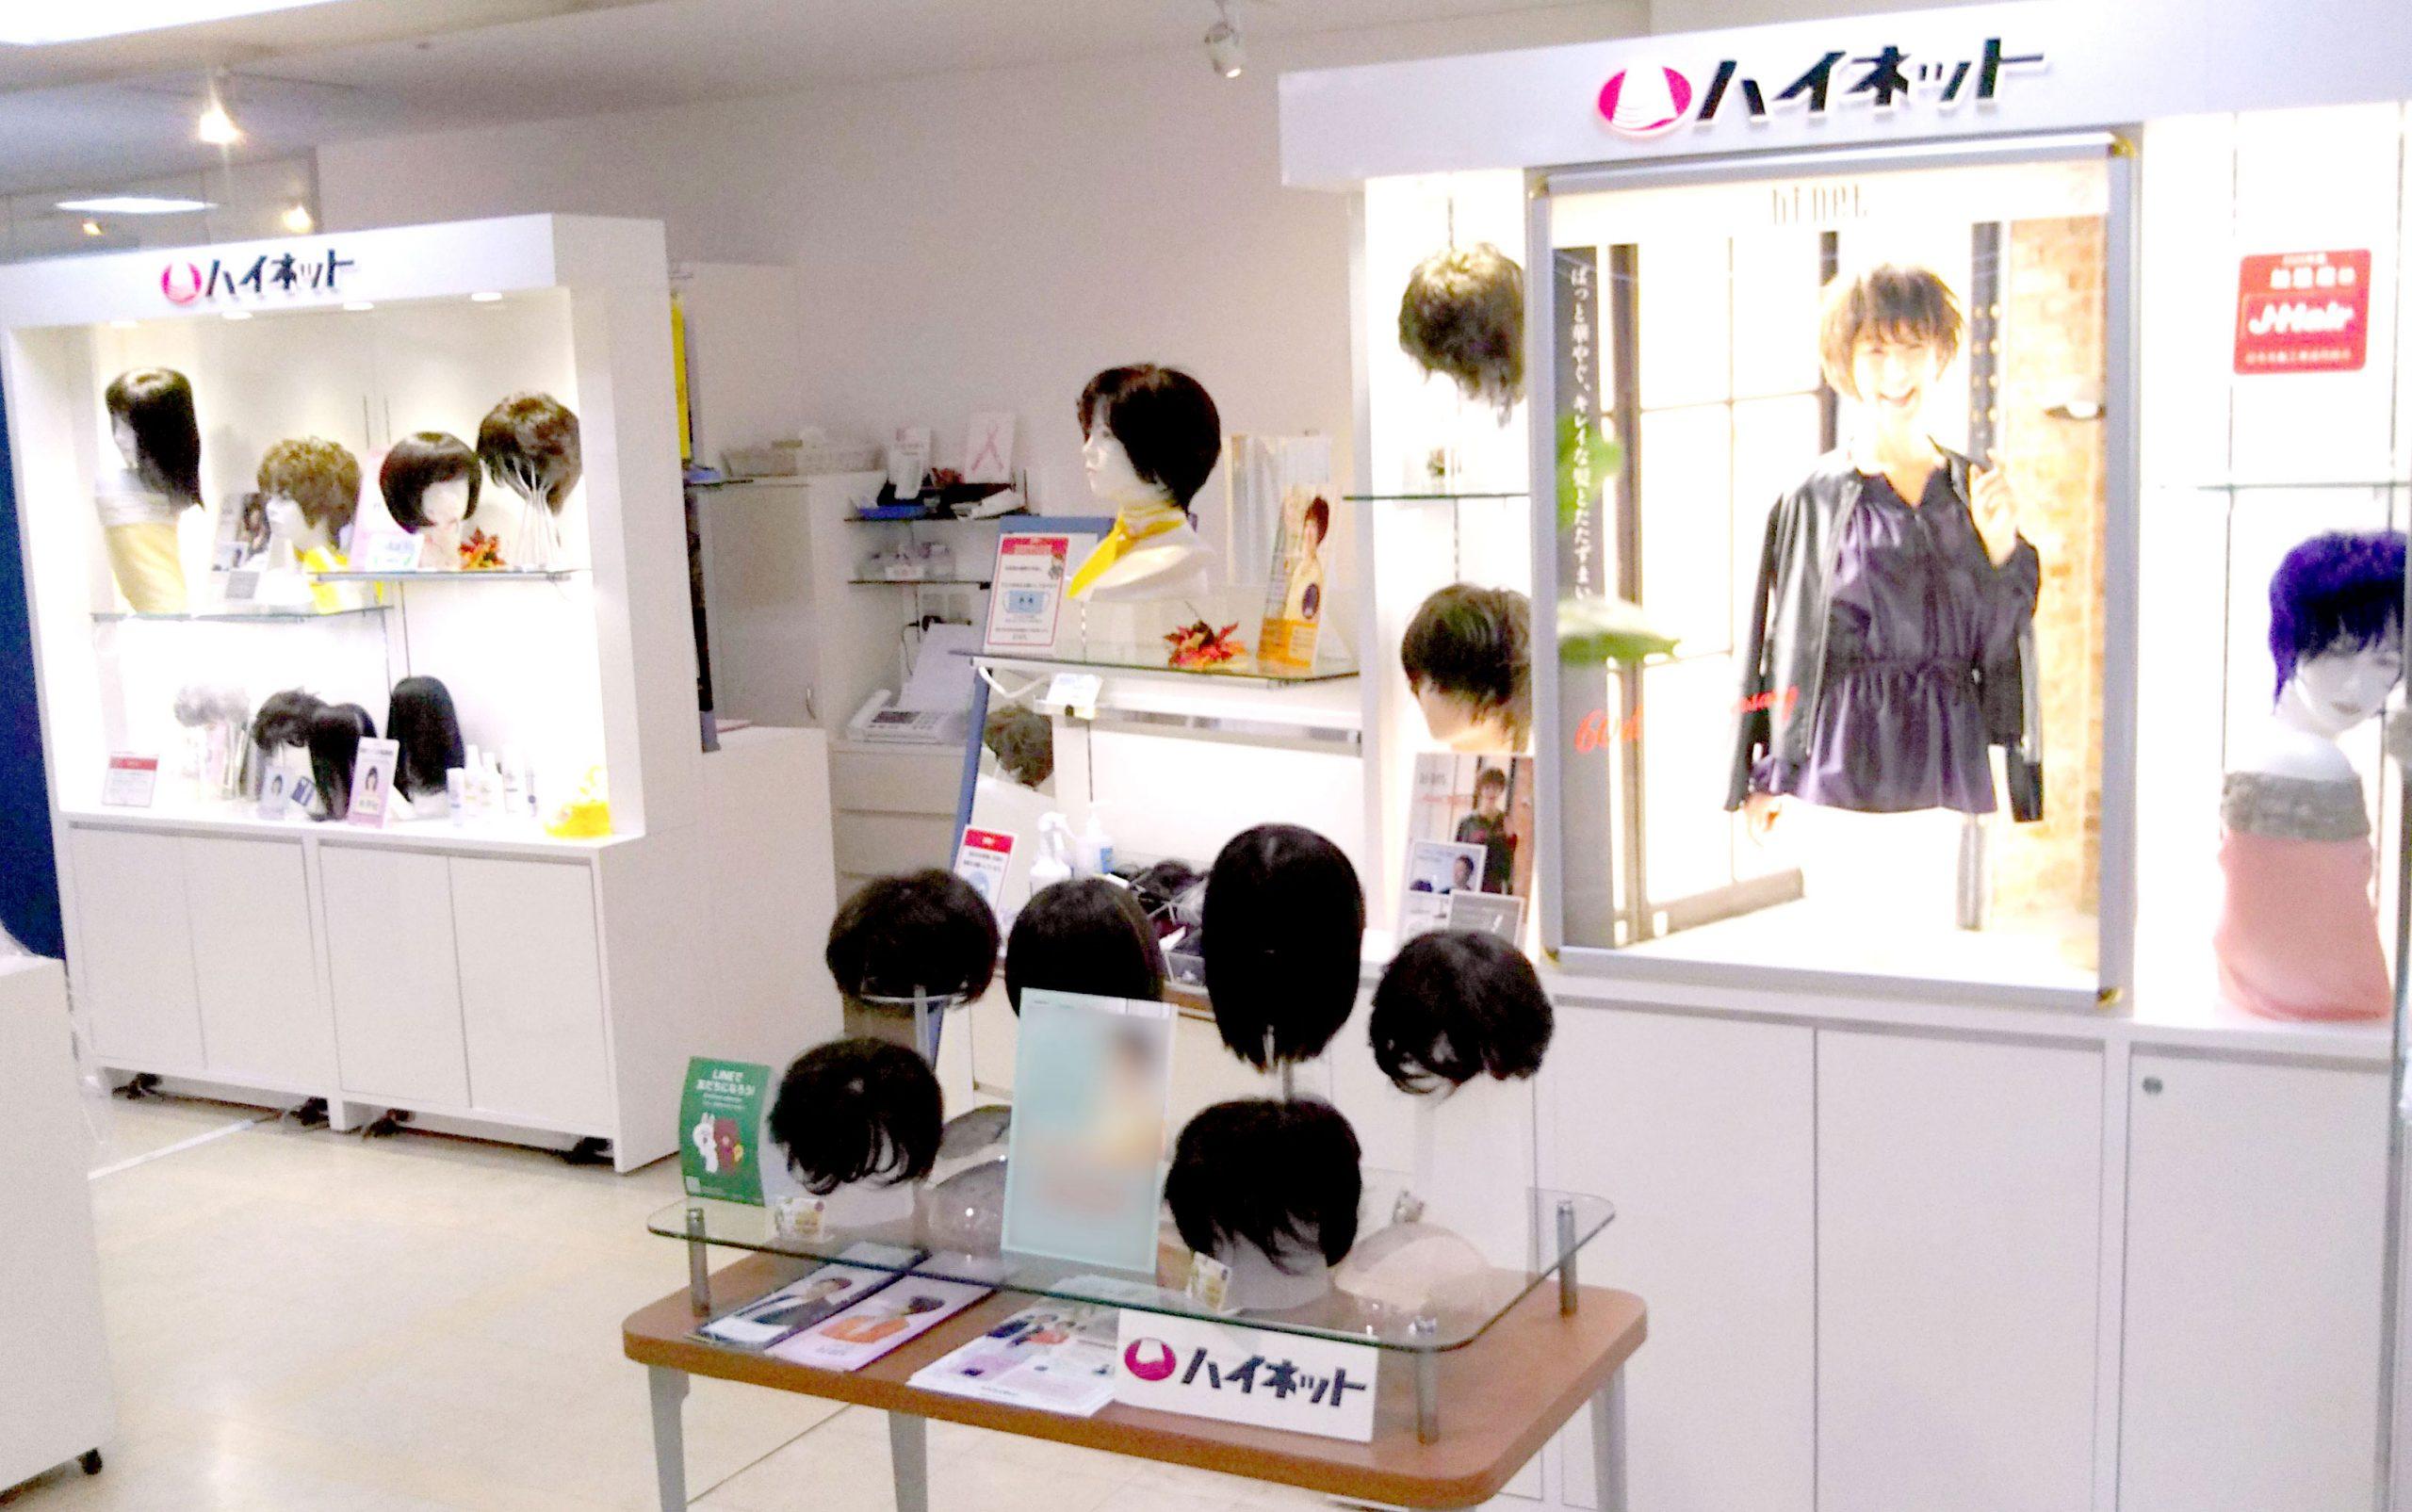 さいか屋横須賀店ハイネット<br>移転 リニューアルオープンのご案内